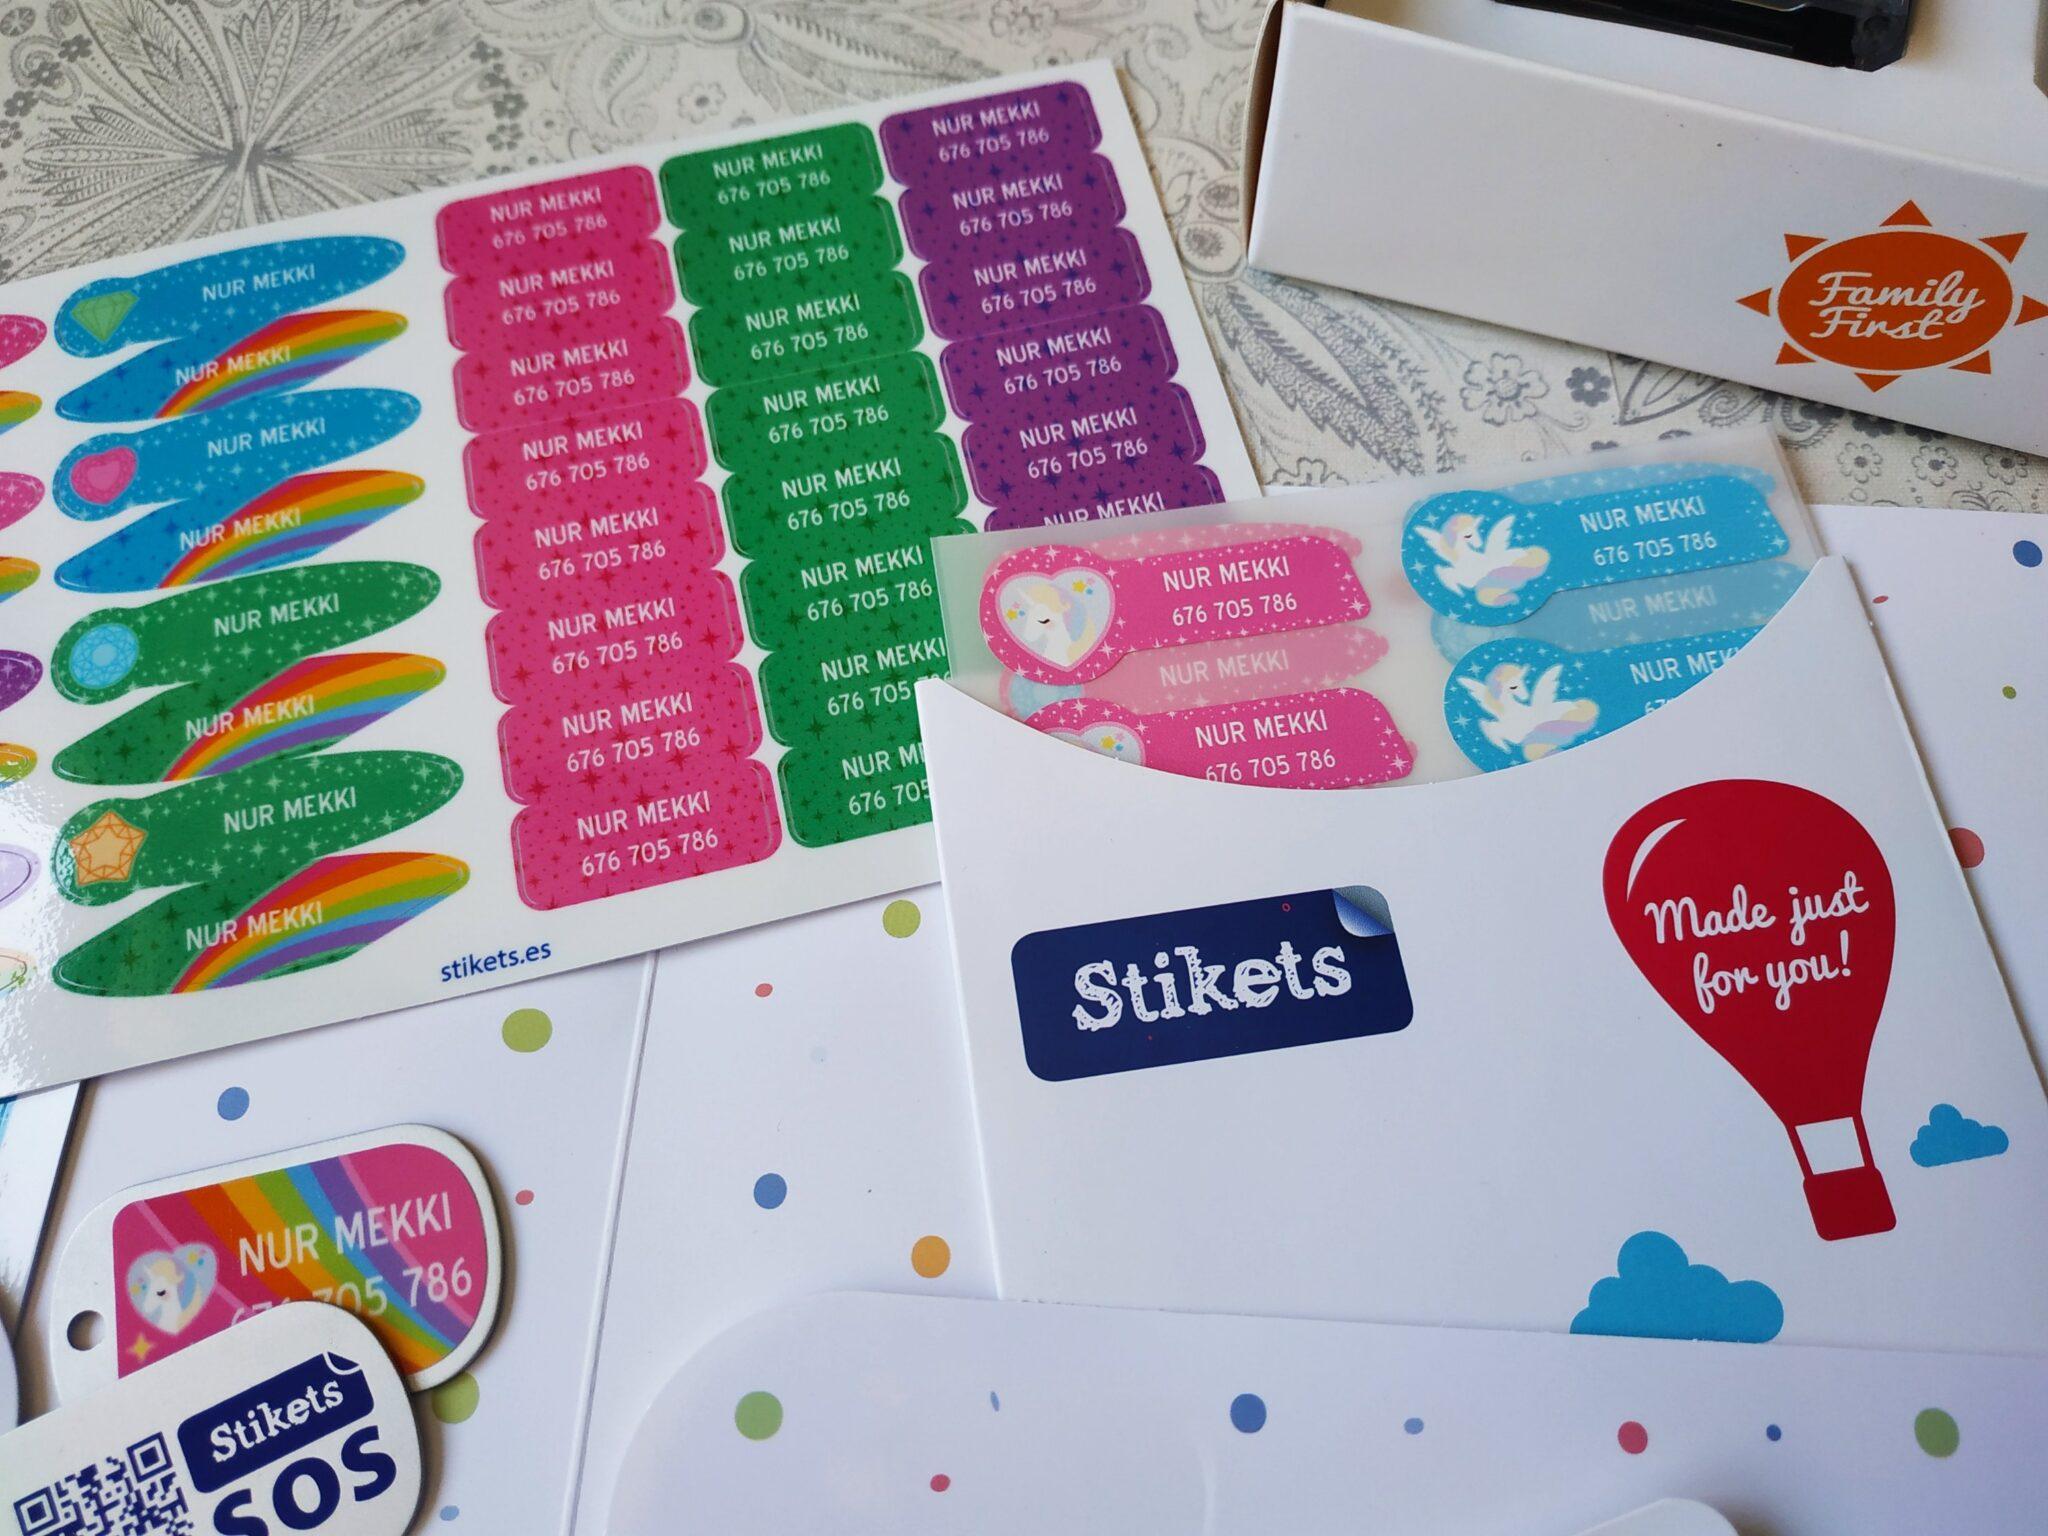 img 20190822 1344359161734769114412873 - Preparar la vuelta a escuela con Stikets